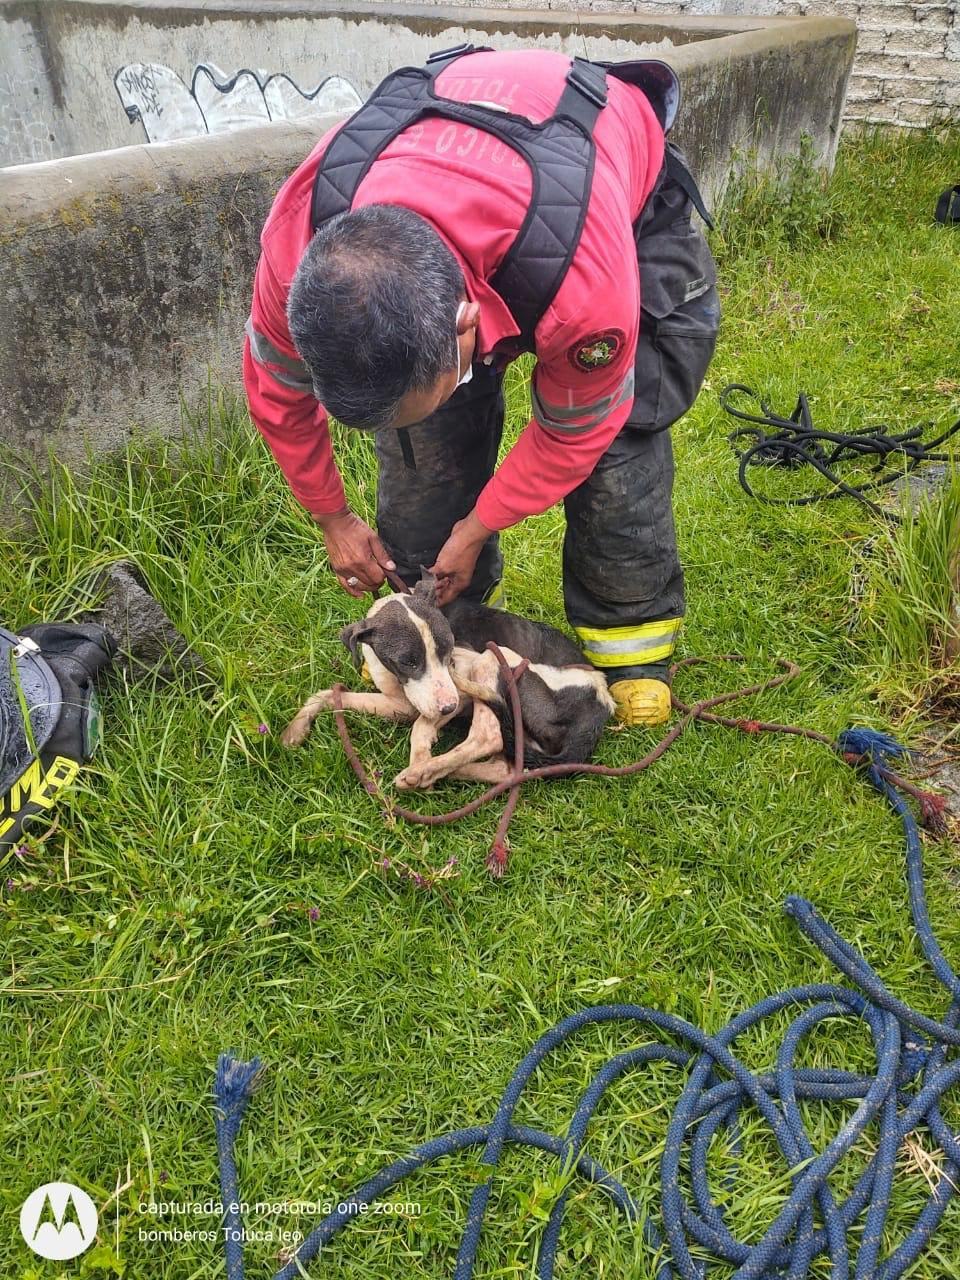 Bomberos de Toluca rescatan perro de un pozo